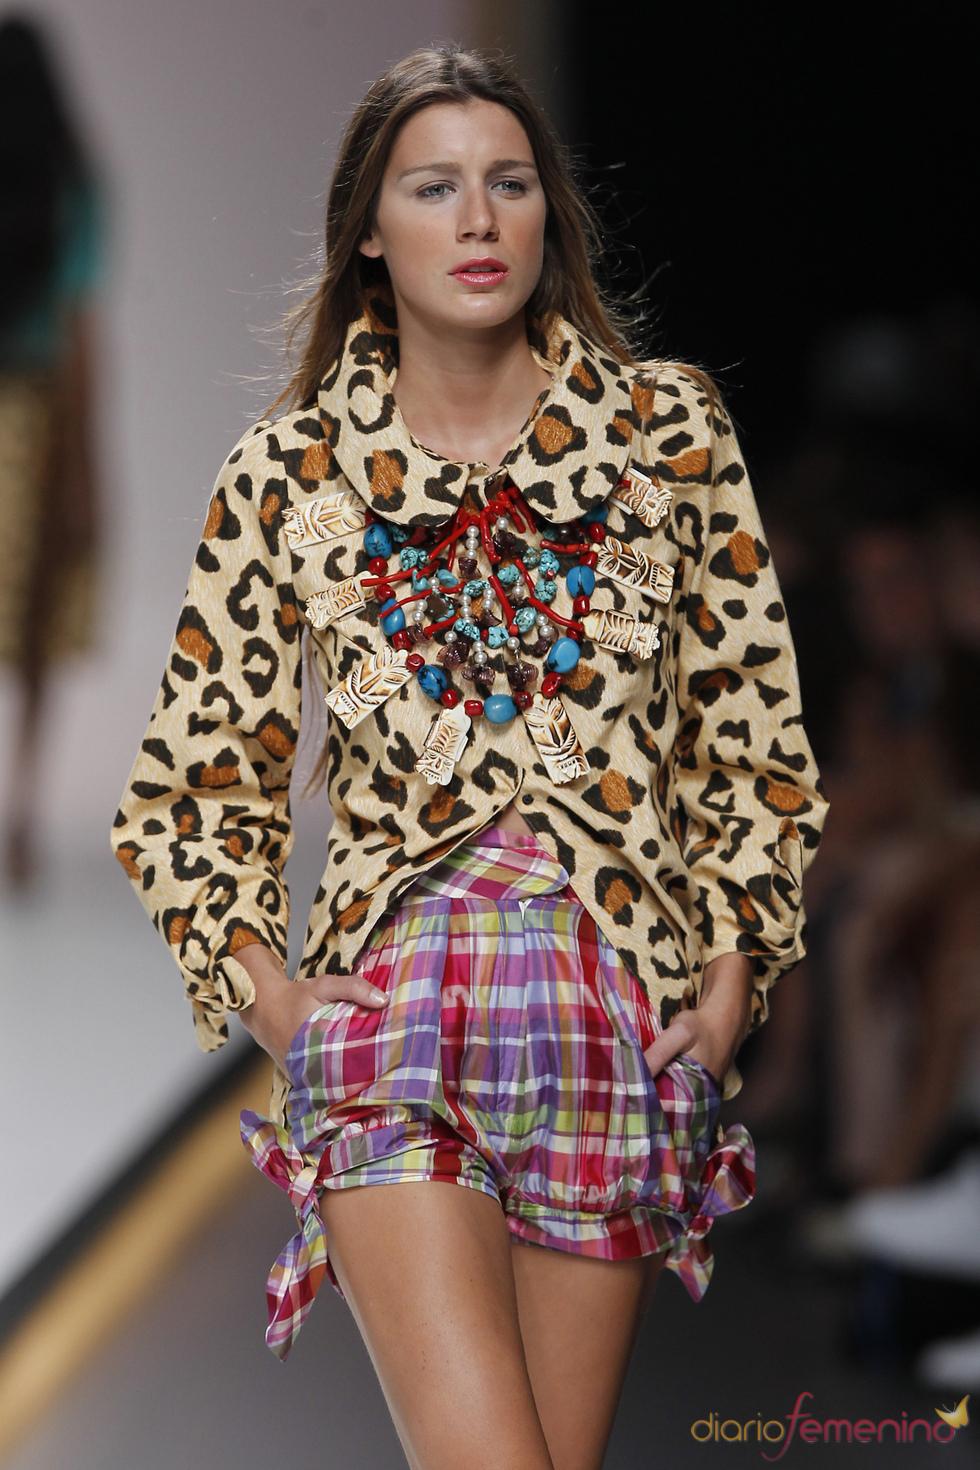 Coloridos shorts para la primavera verano de 2011 según American Pérez